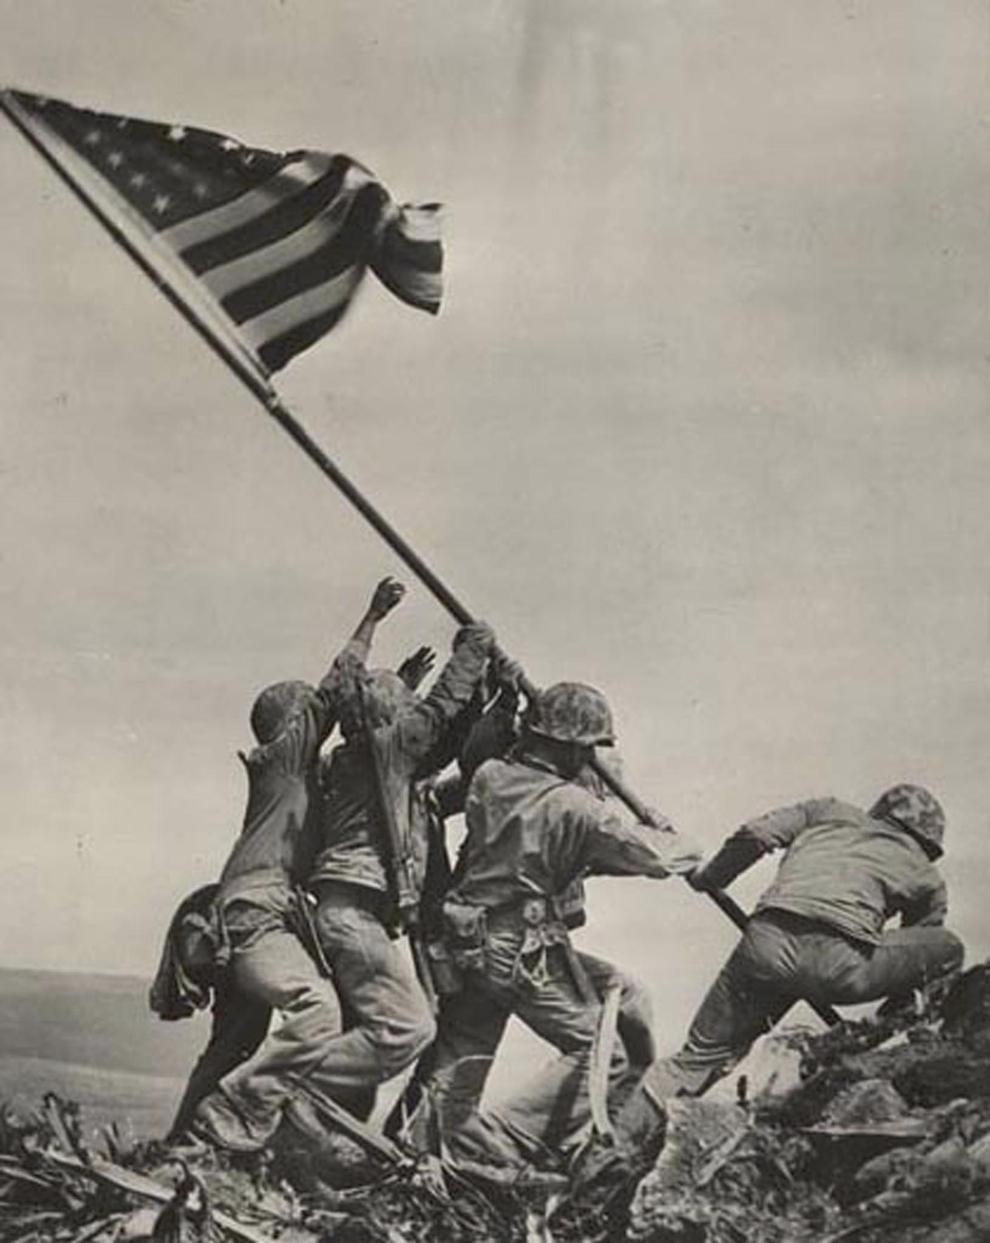 Această imagine arată mai mulţi soldaţi americani ce înfig un steag pe insula Iwo Jima din oceanul Pacific.